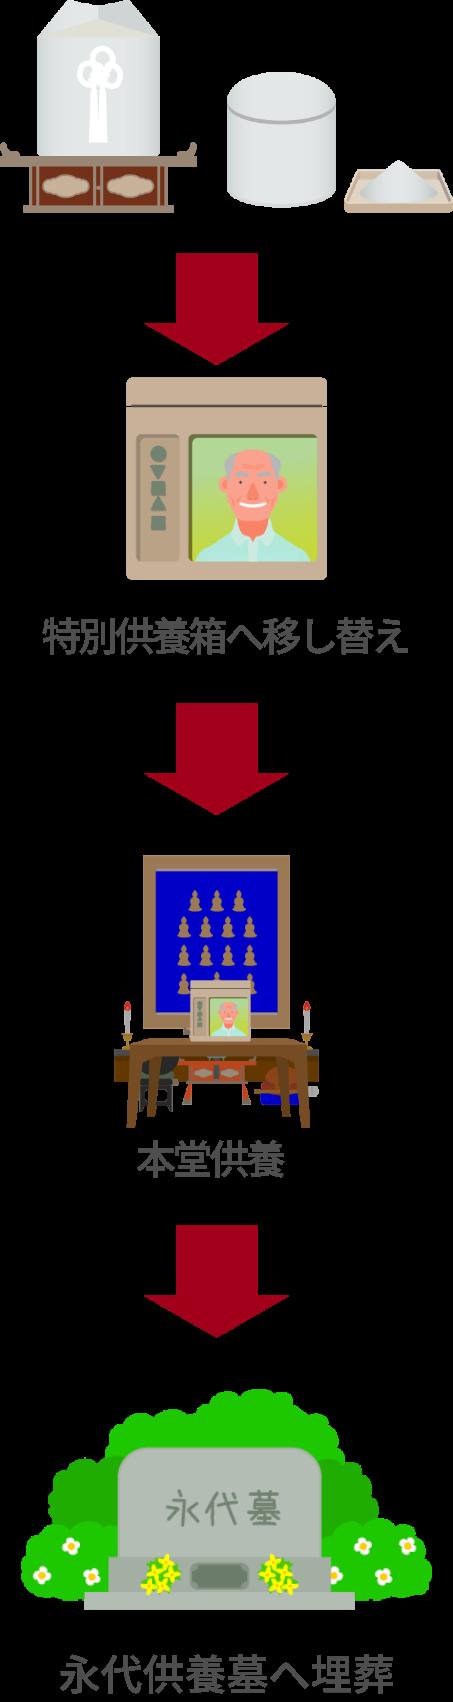 法要館の永代供養15万円プラン